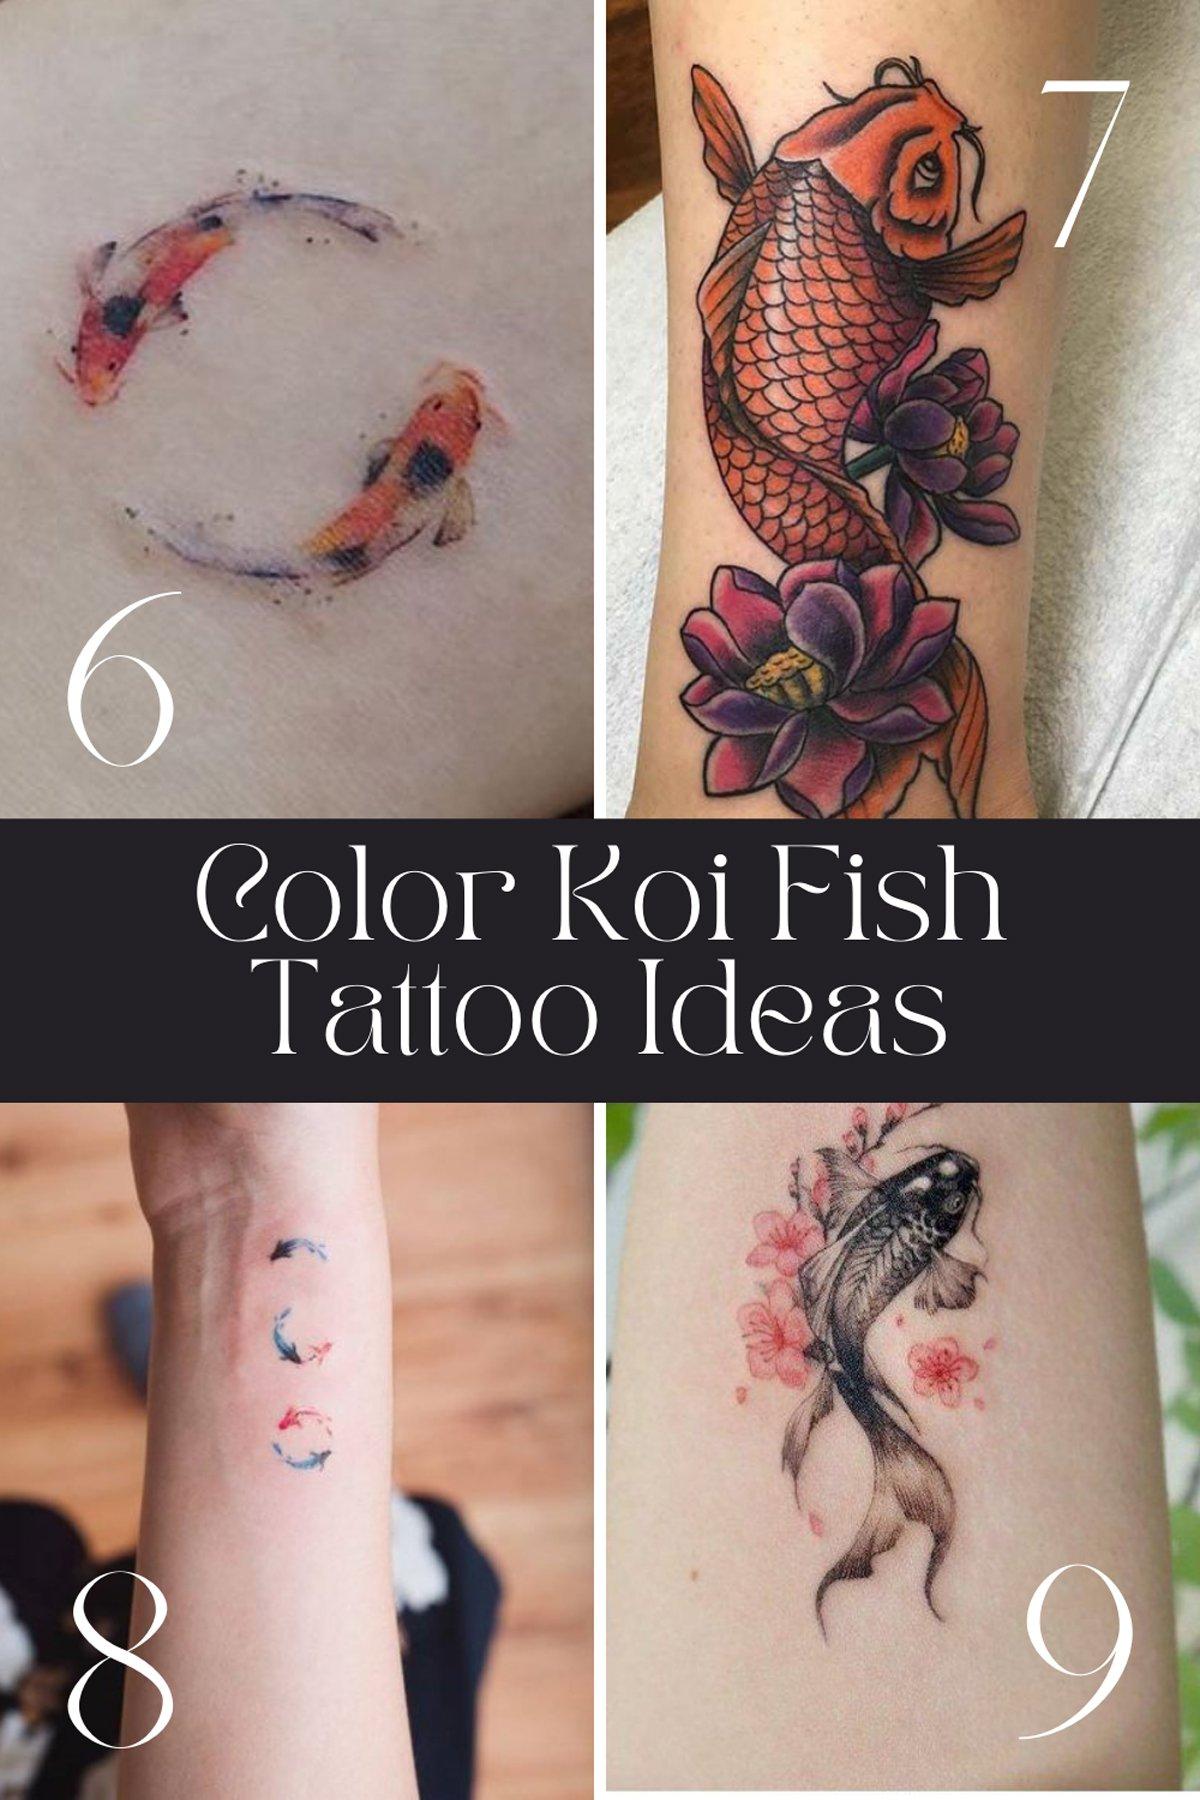 Color Koi Fish Tattoo Designs